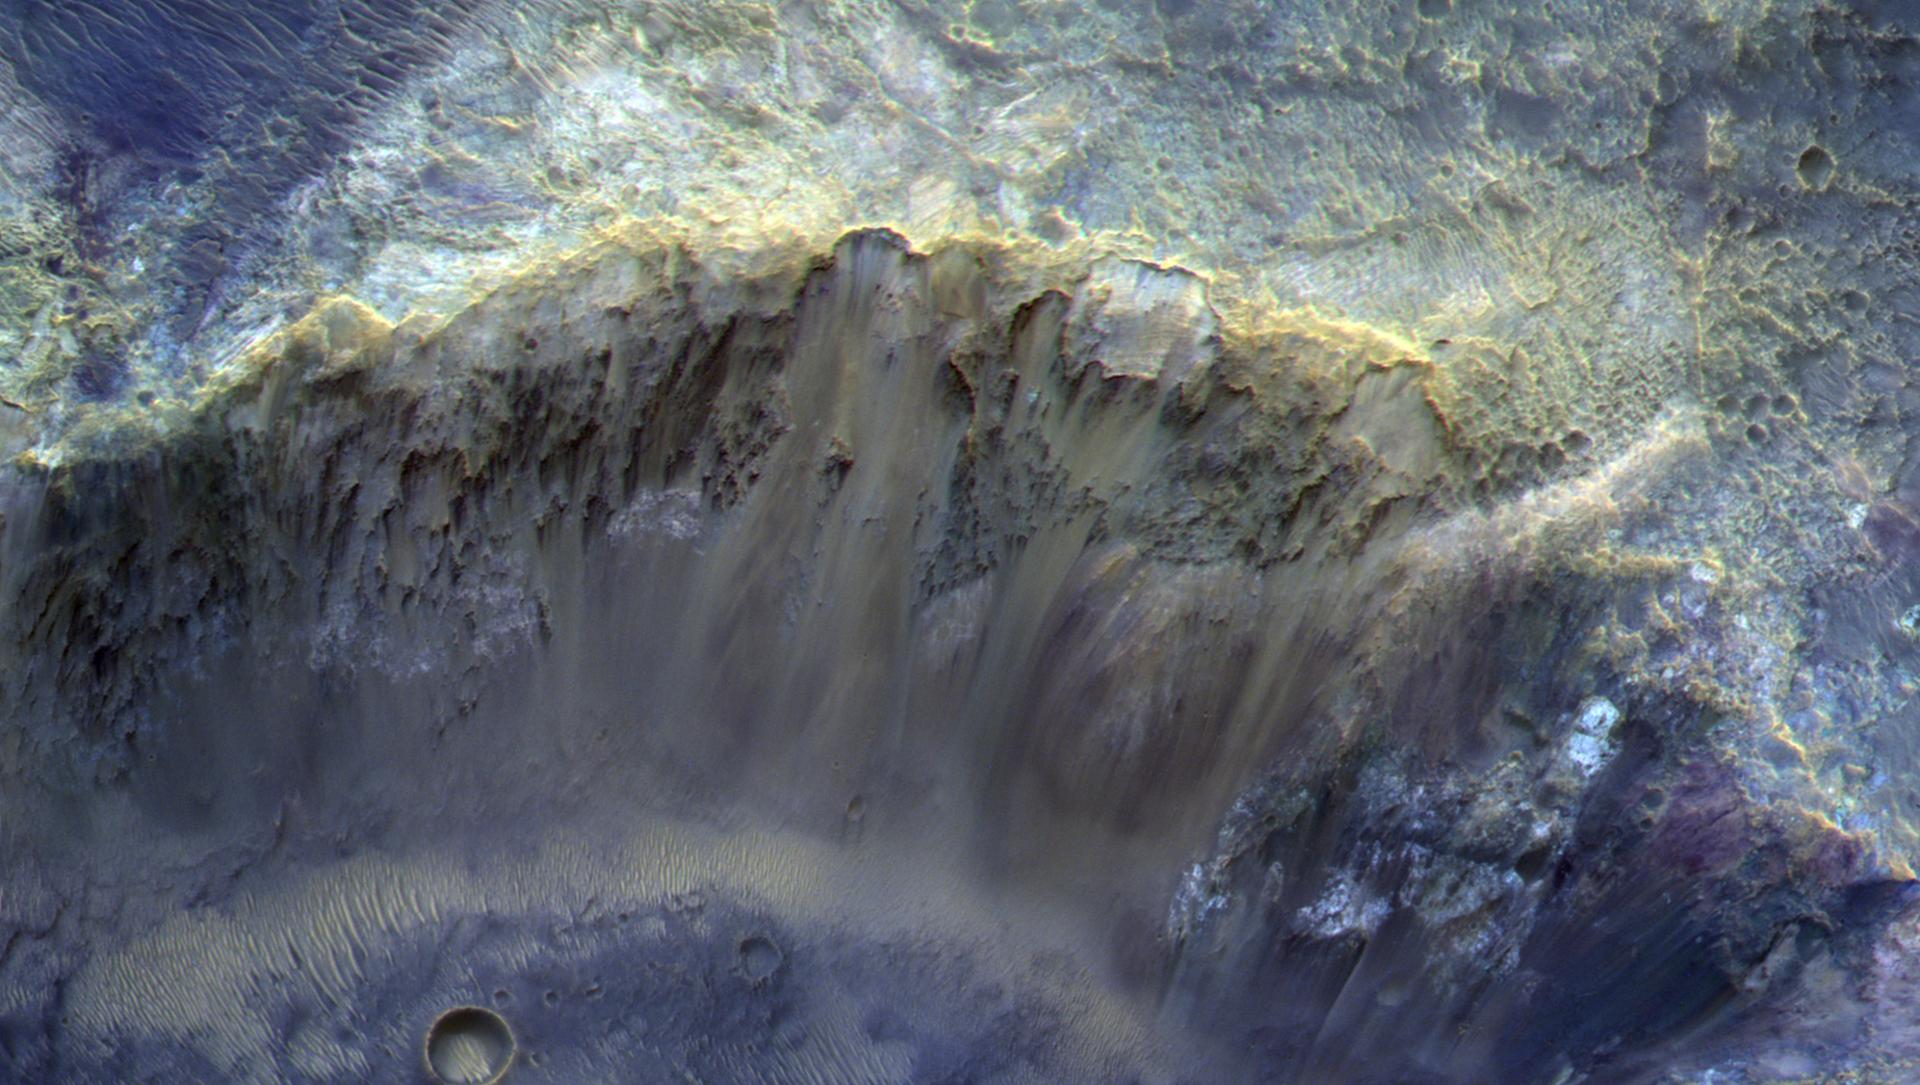 Snímek kráteru na povrchu Marsu. Ilustrační foto - Sputnik Česká republika, 1920, 19.02.2021